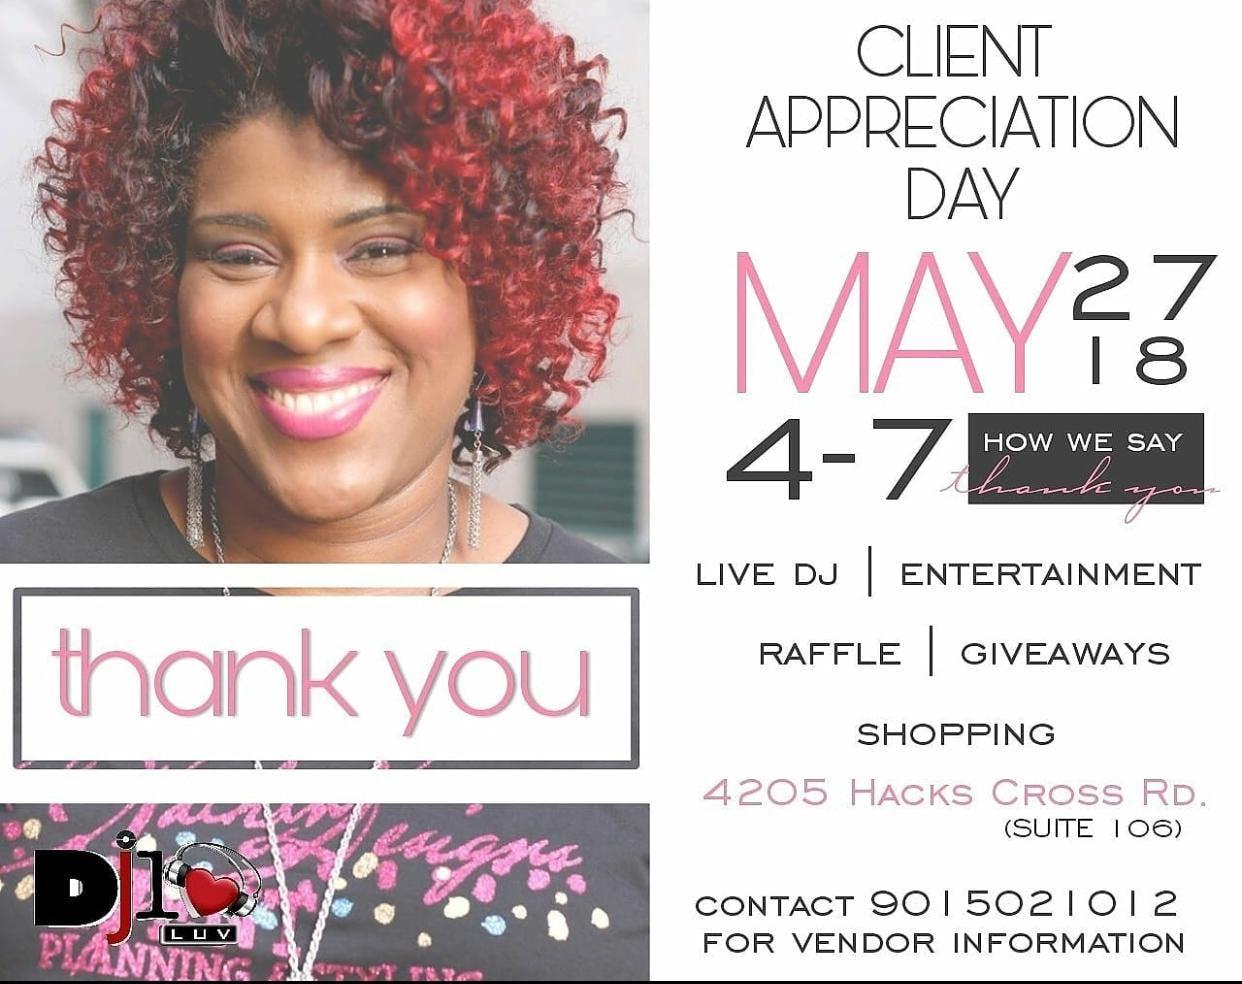 client appreciation - 27 may 2018